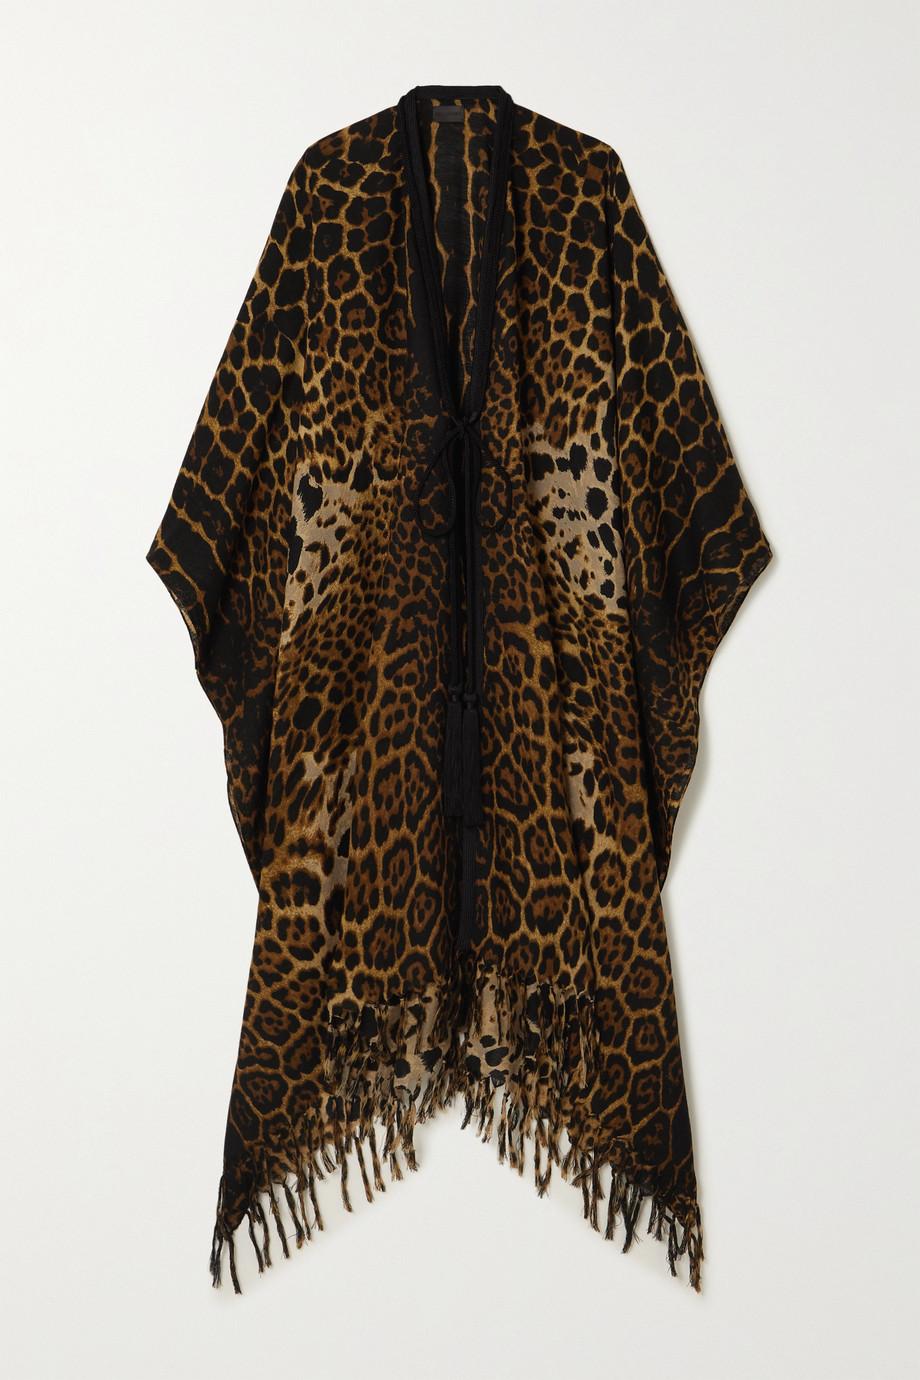 SAINT LAURENT Poncho en laine à imprimé léopard, finitions tressées et franges